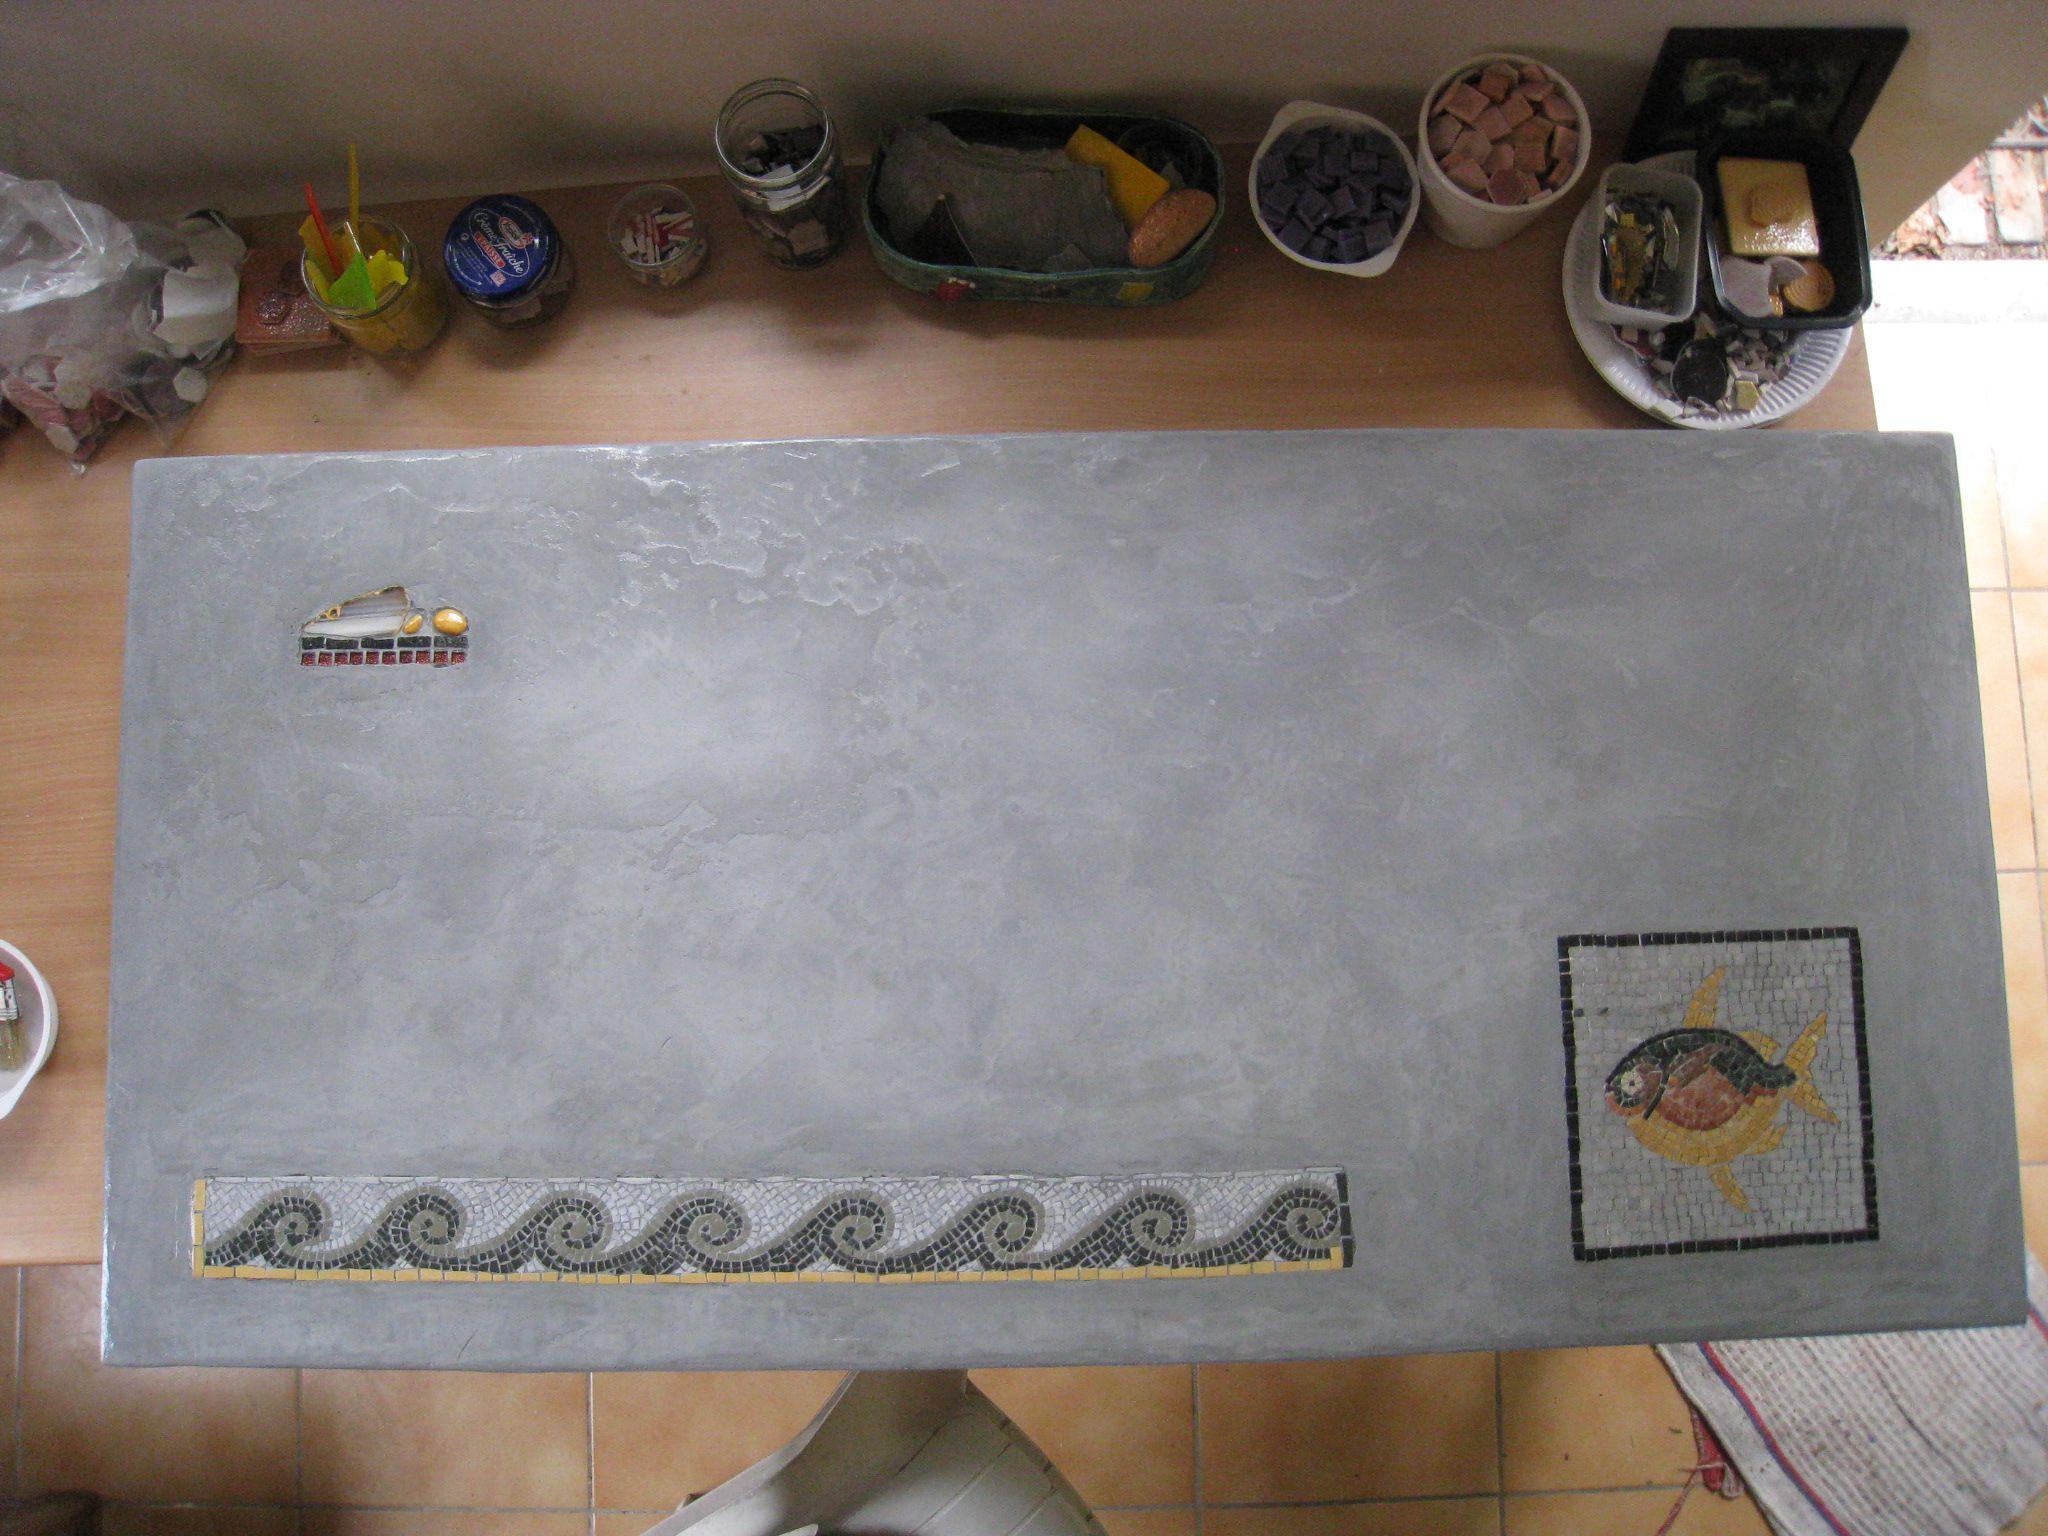 Mosaique voyage blog chezcatherine - Faire une table en beton cire ...